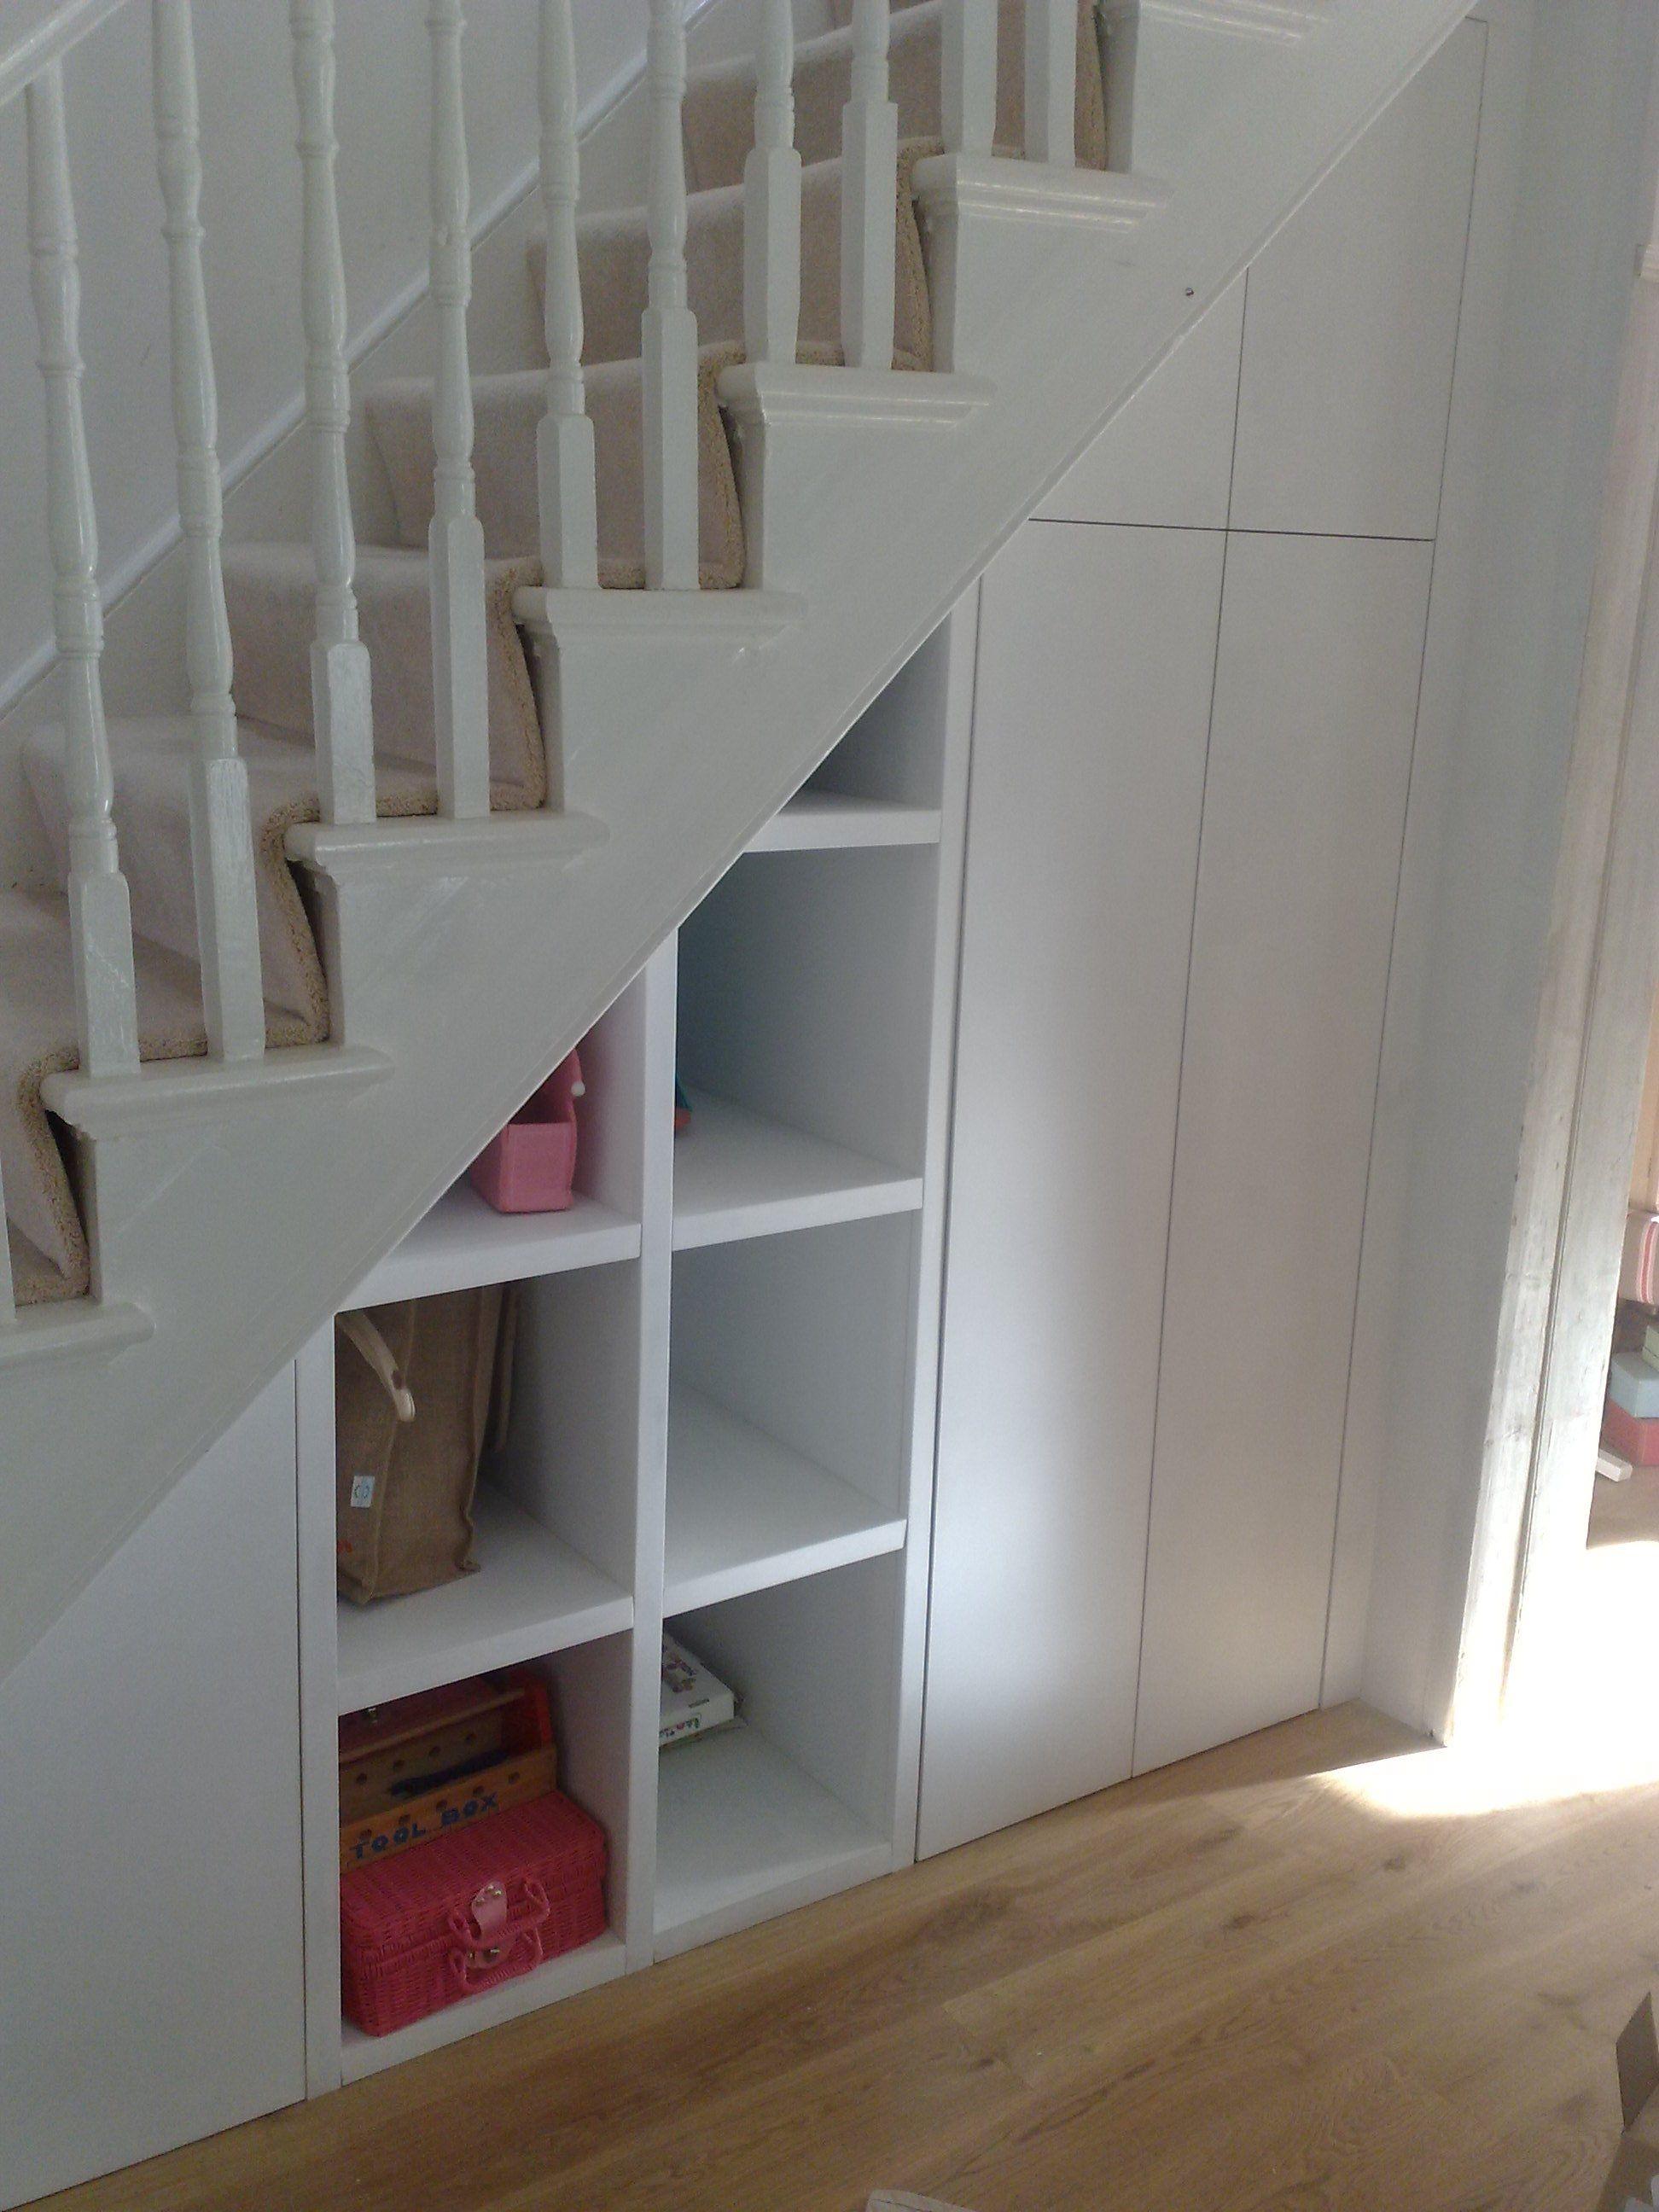 Best Understair Storage Under Stairs Cupboard Staircase 400 x 300